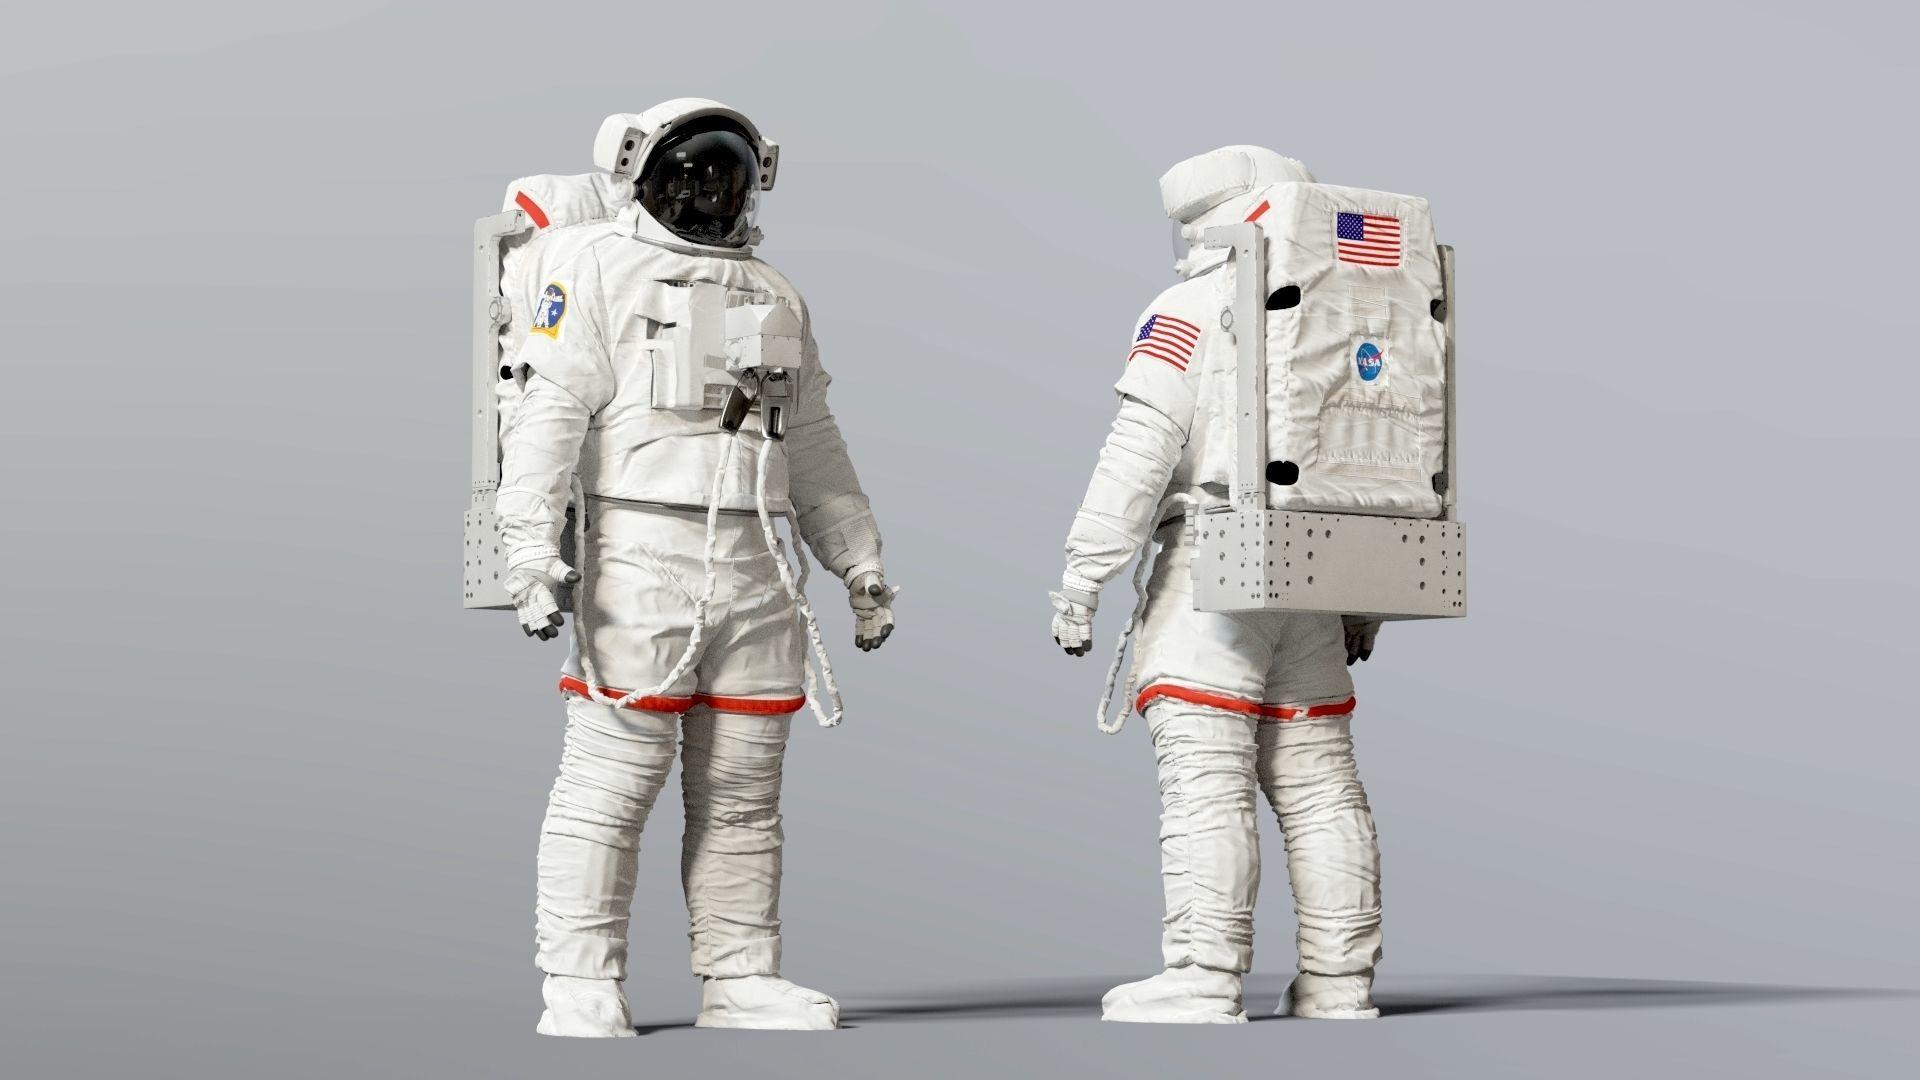 SPACESUIT NASA EMU SAFER